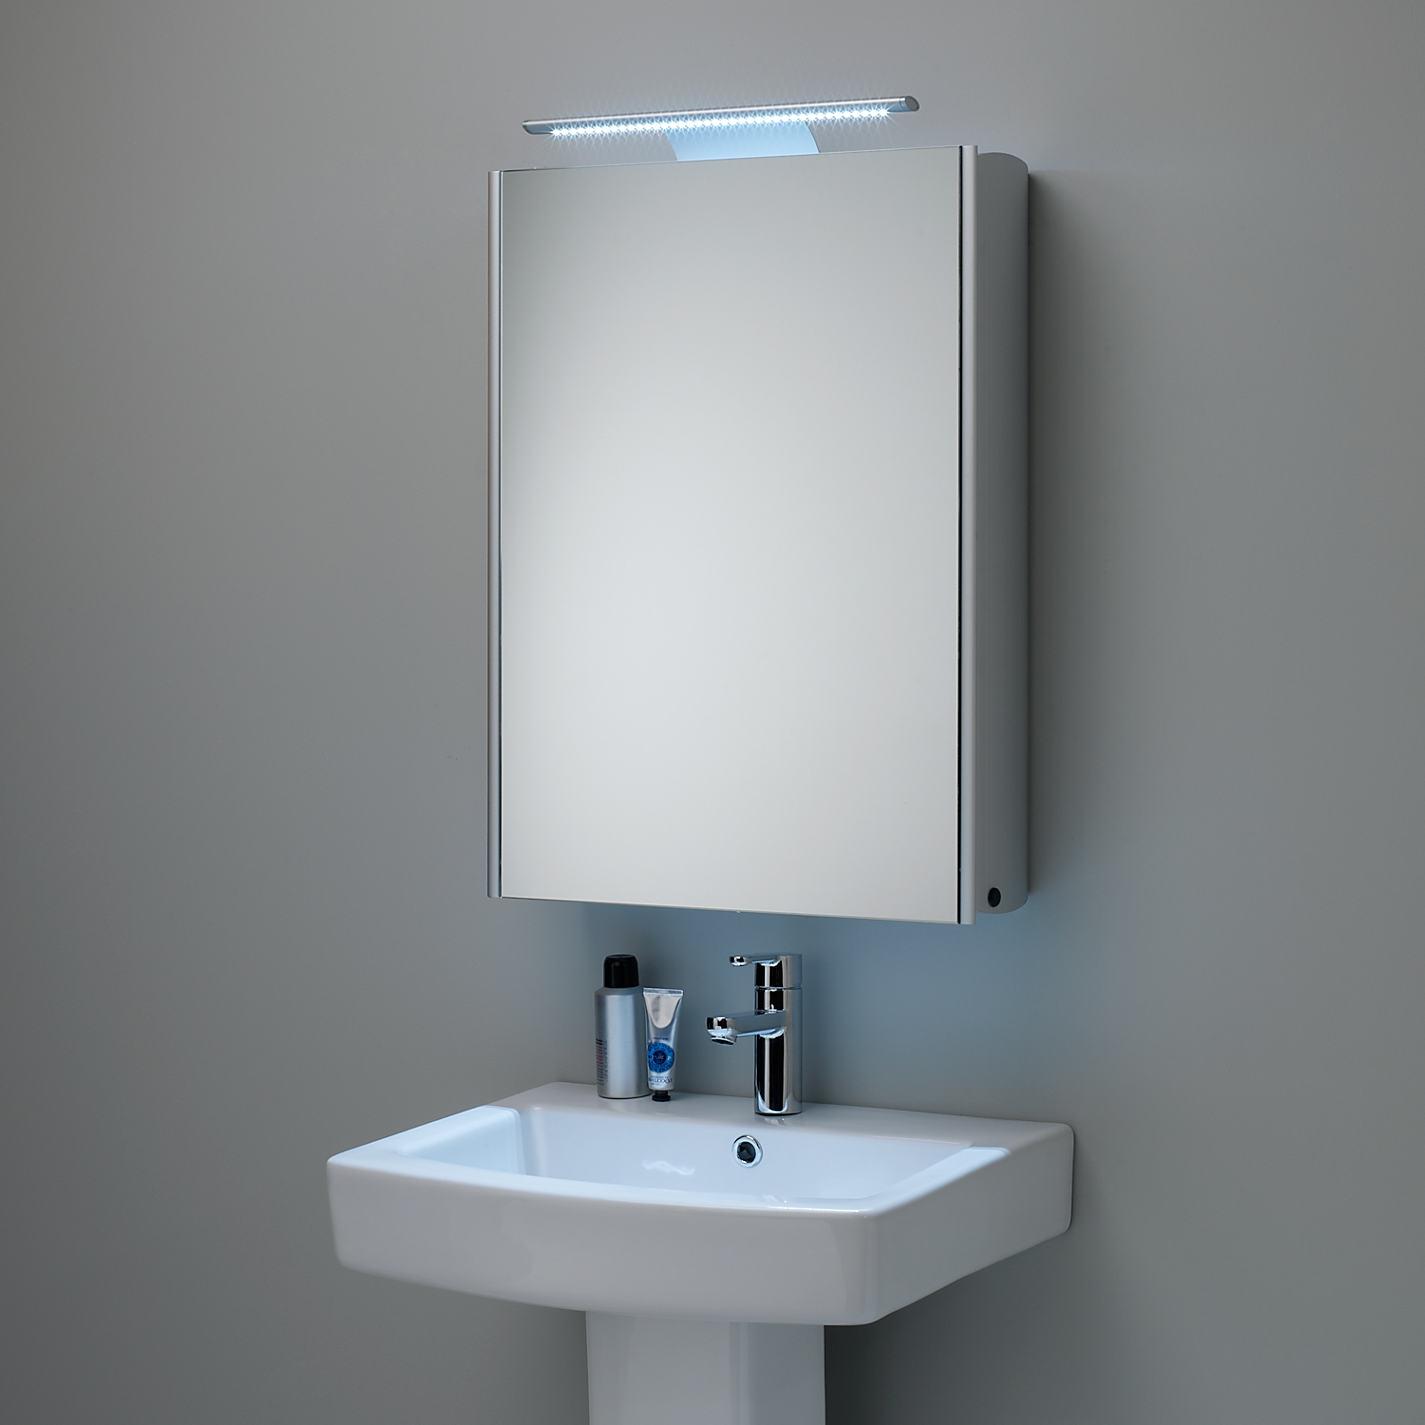 Bathroom Mirror Units In Bathroom Mirror Cupboards (Image 7 of 25)